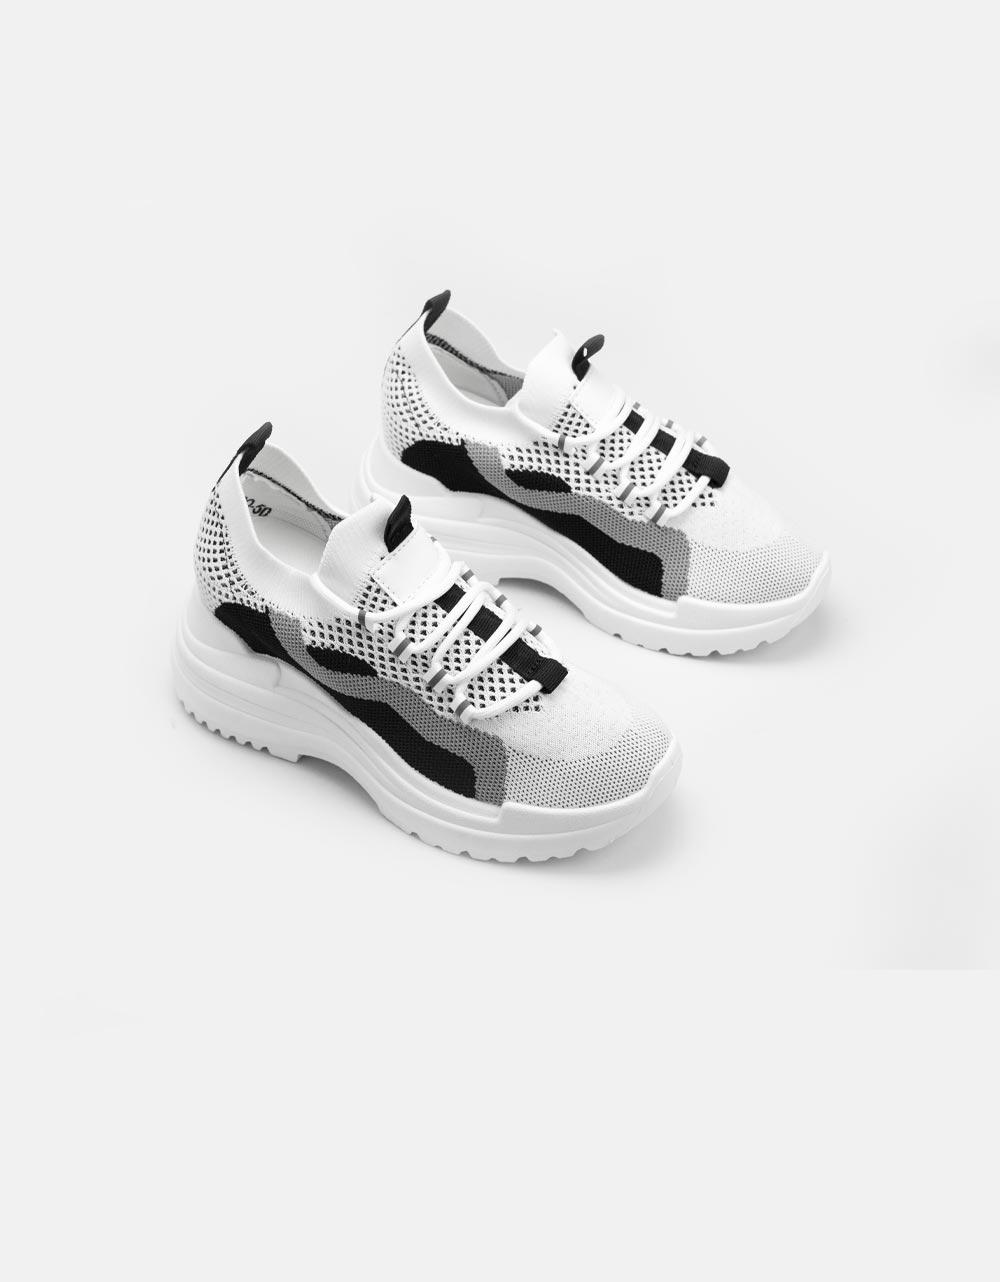 Εικόνα από Γυναικεία sneaker ελαστικό με δίχρωμη λεπτομέρεια Λευκό/Μαύρο